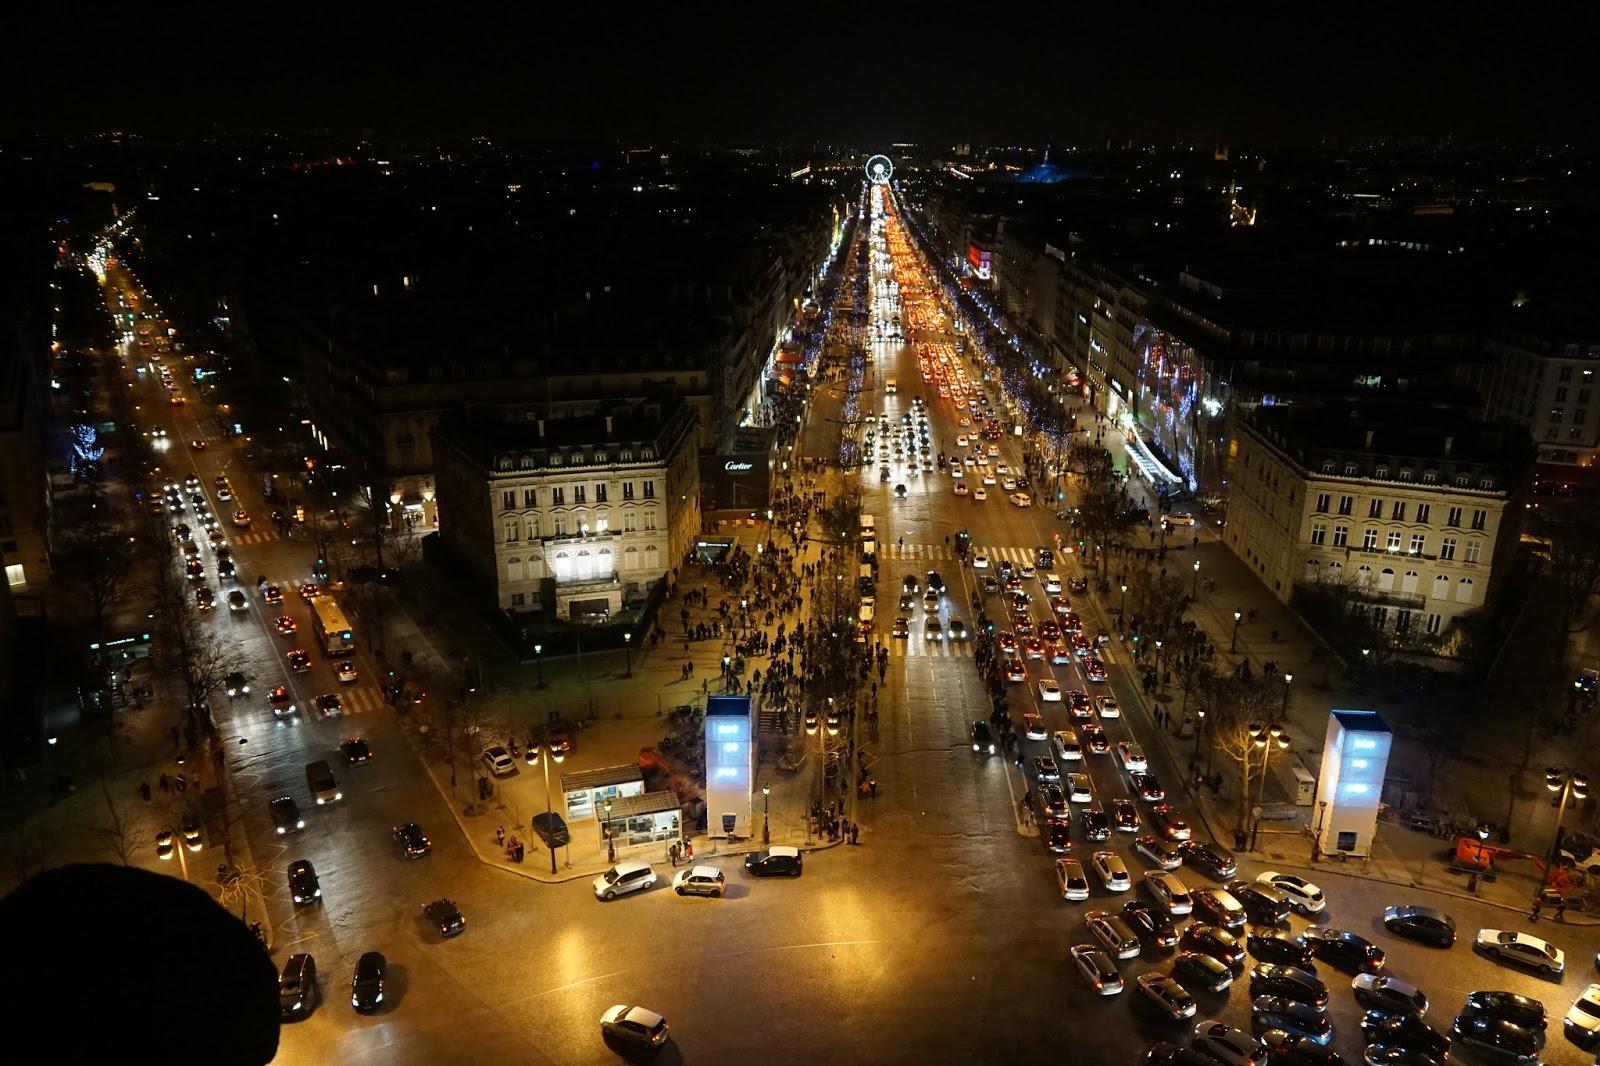 エトワールの凱旋門(Arc de triomphe de l'Étoile) 展望台からの眺め1